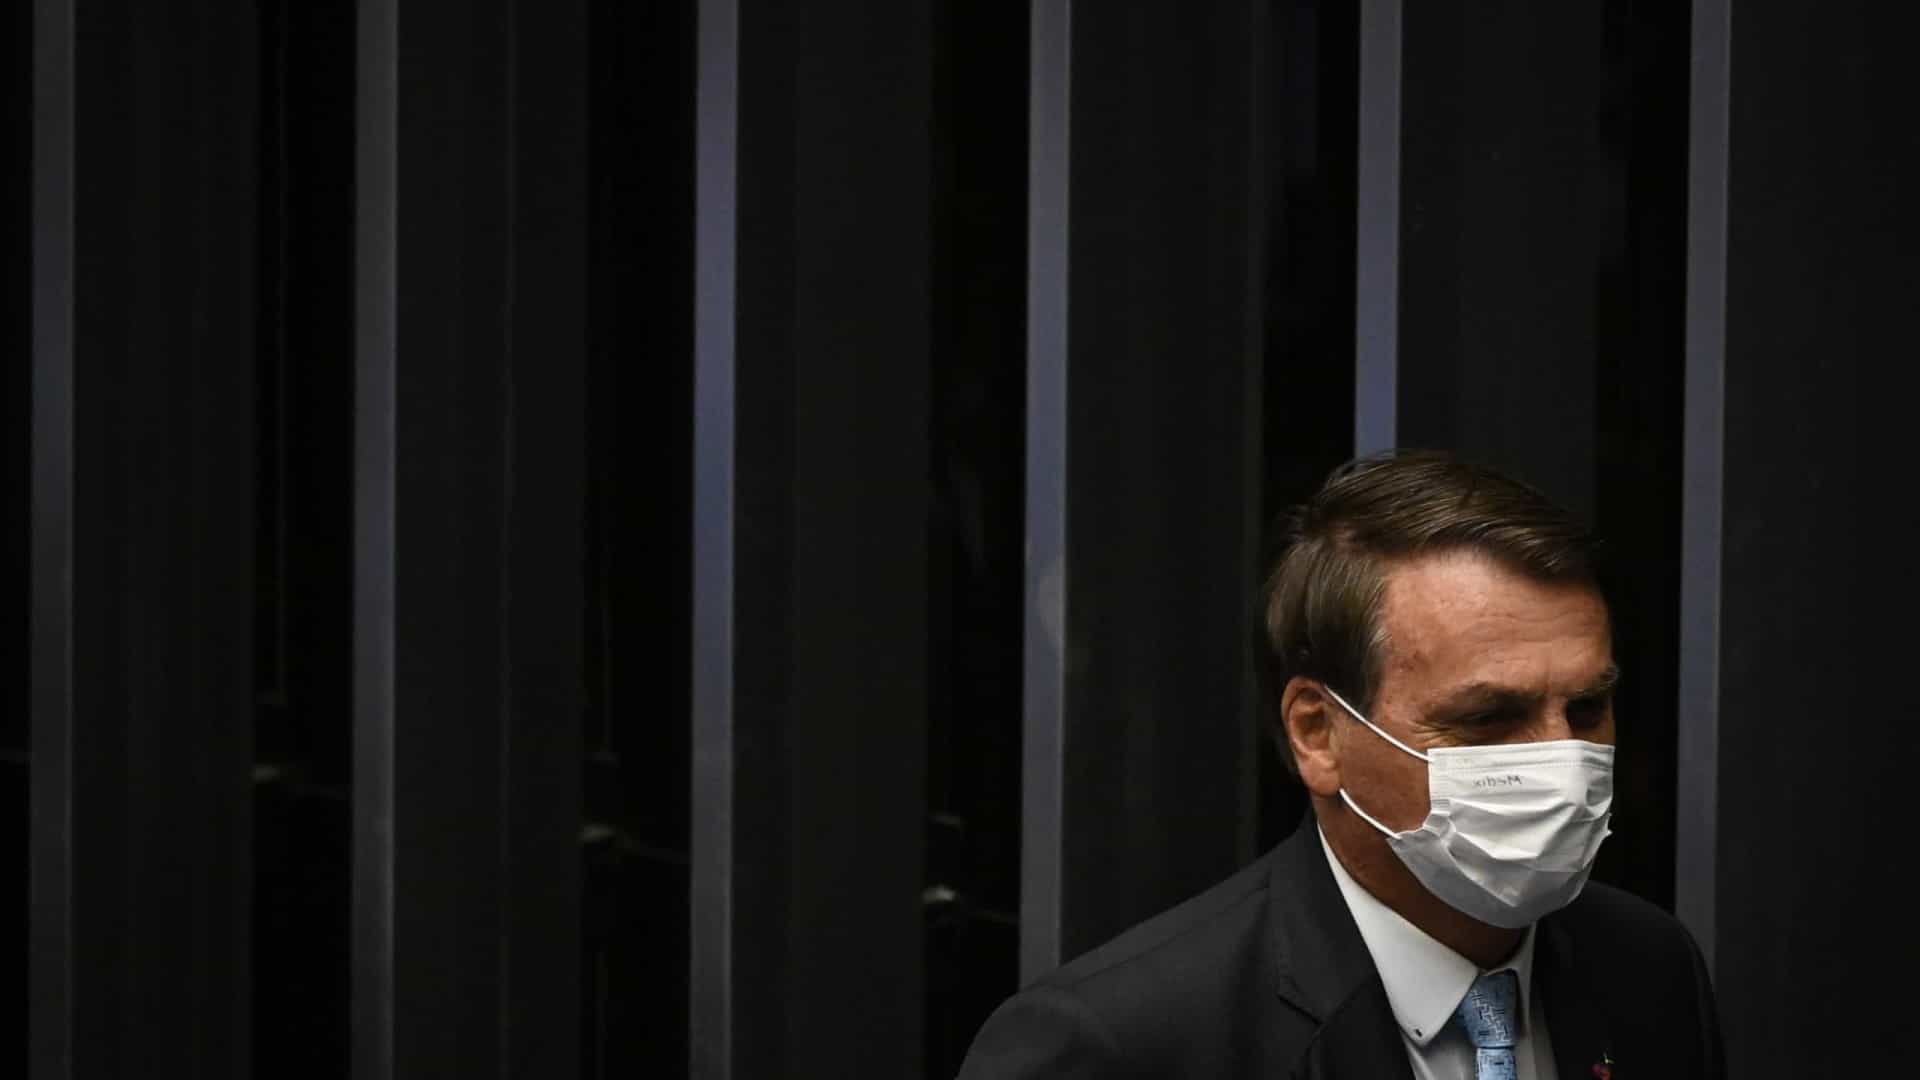 Para blindar governo, Bolsonaro emplaca aliados em comissões estratégicas no Senado